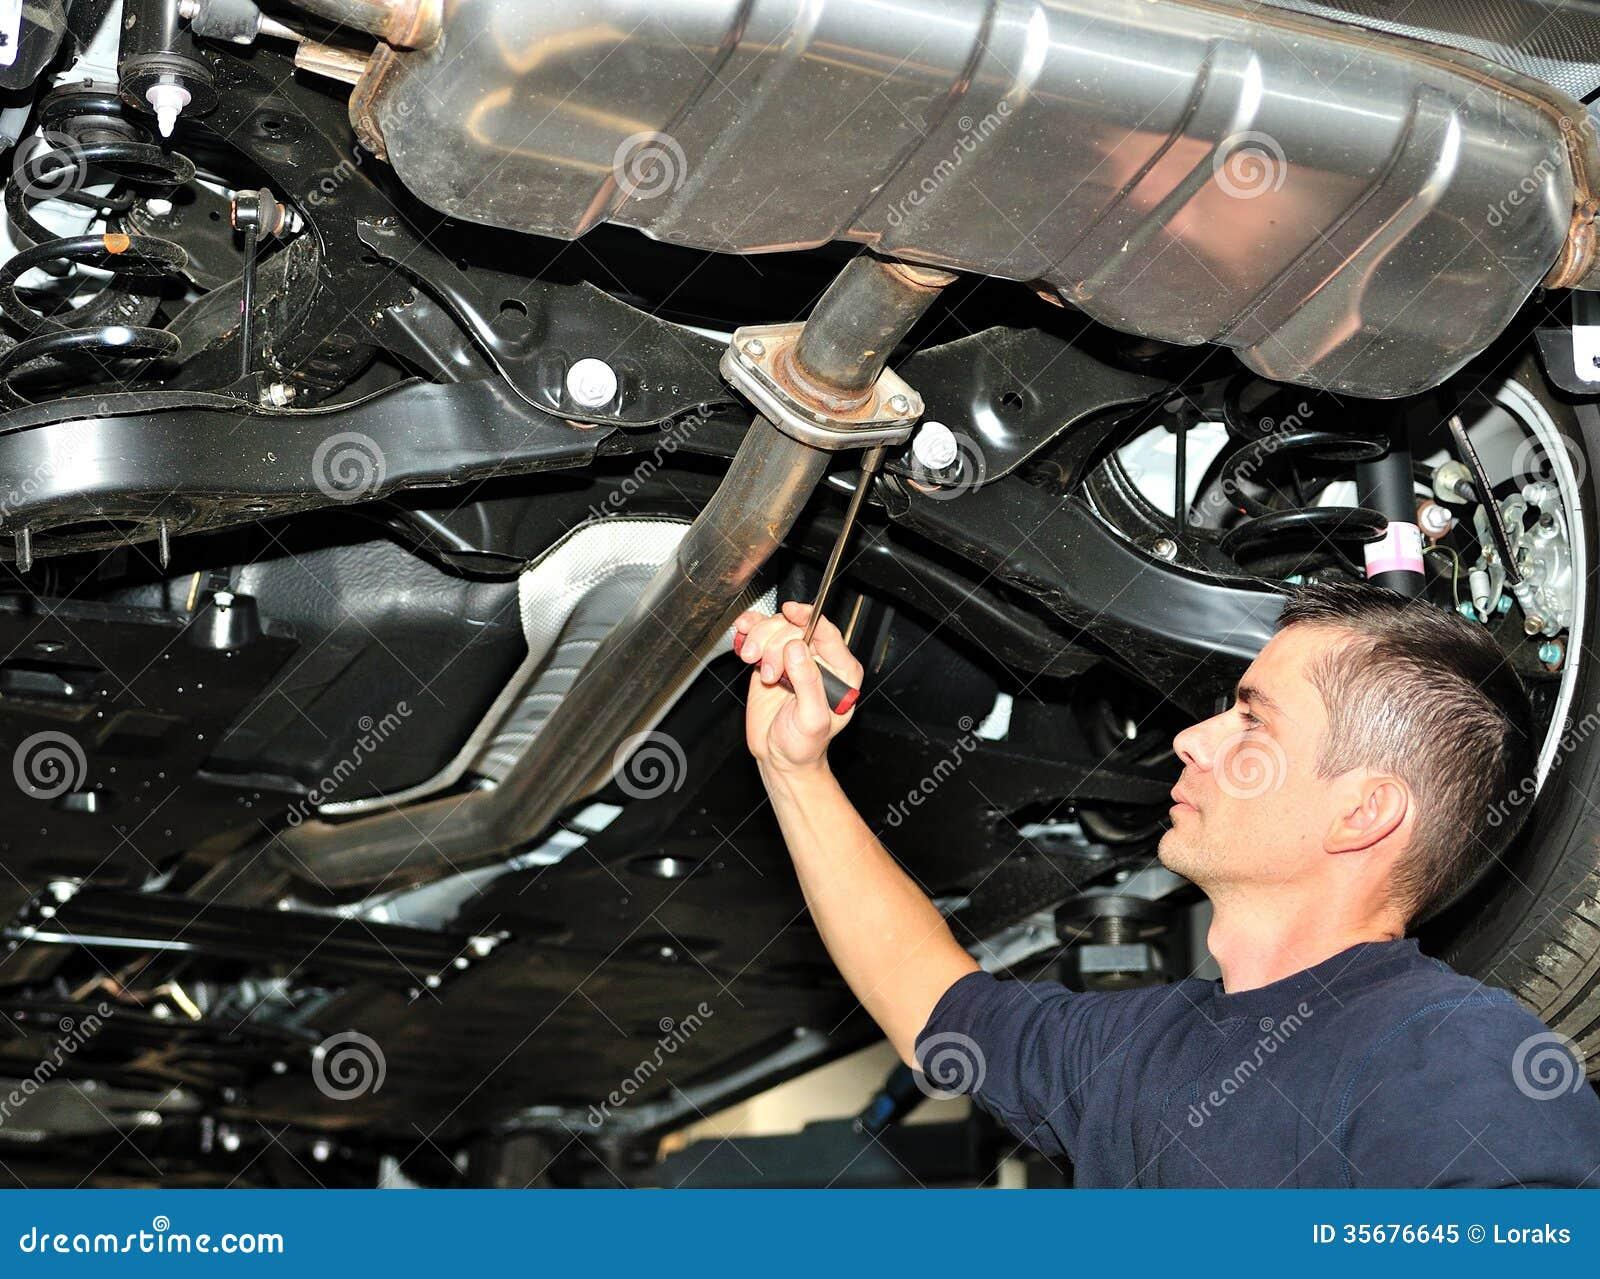 Mechanic Under Car Royalty Free Stock Photo Image 35676645